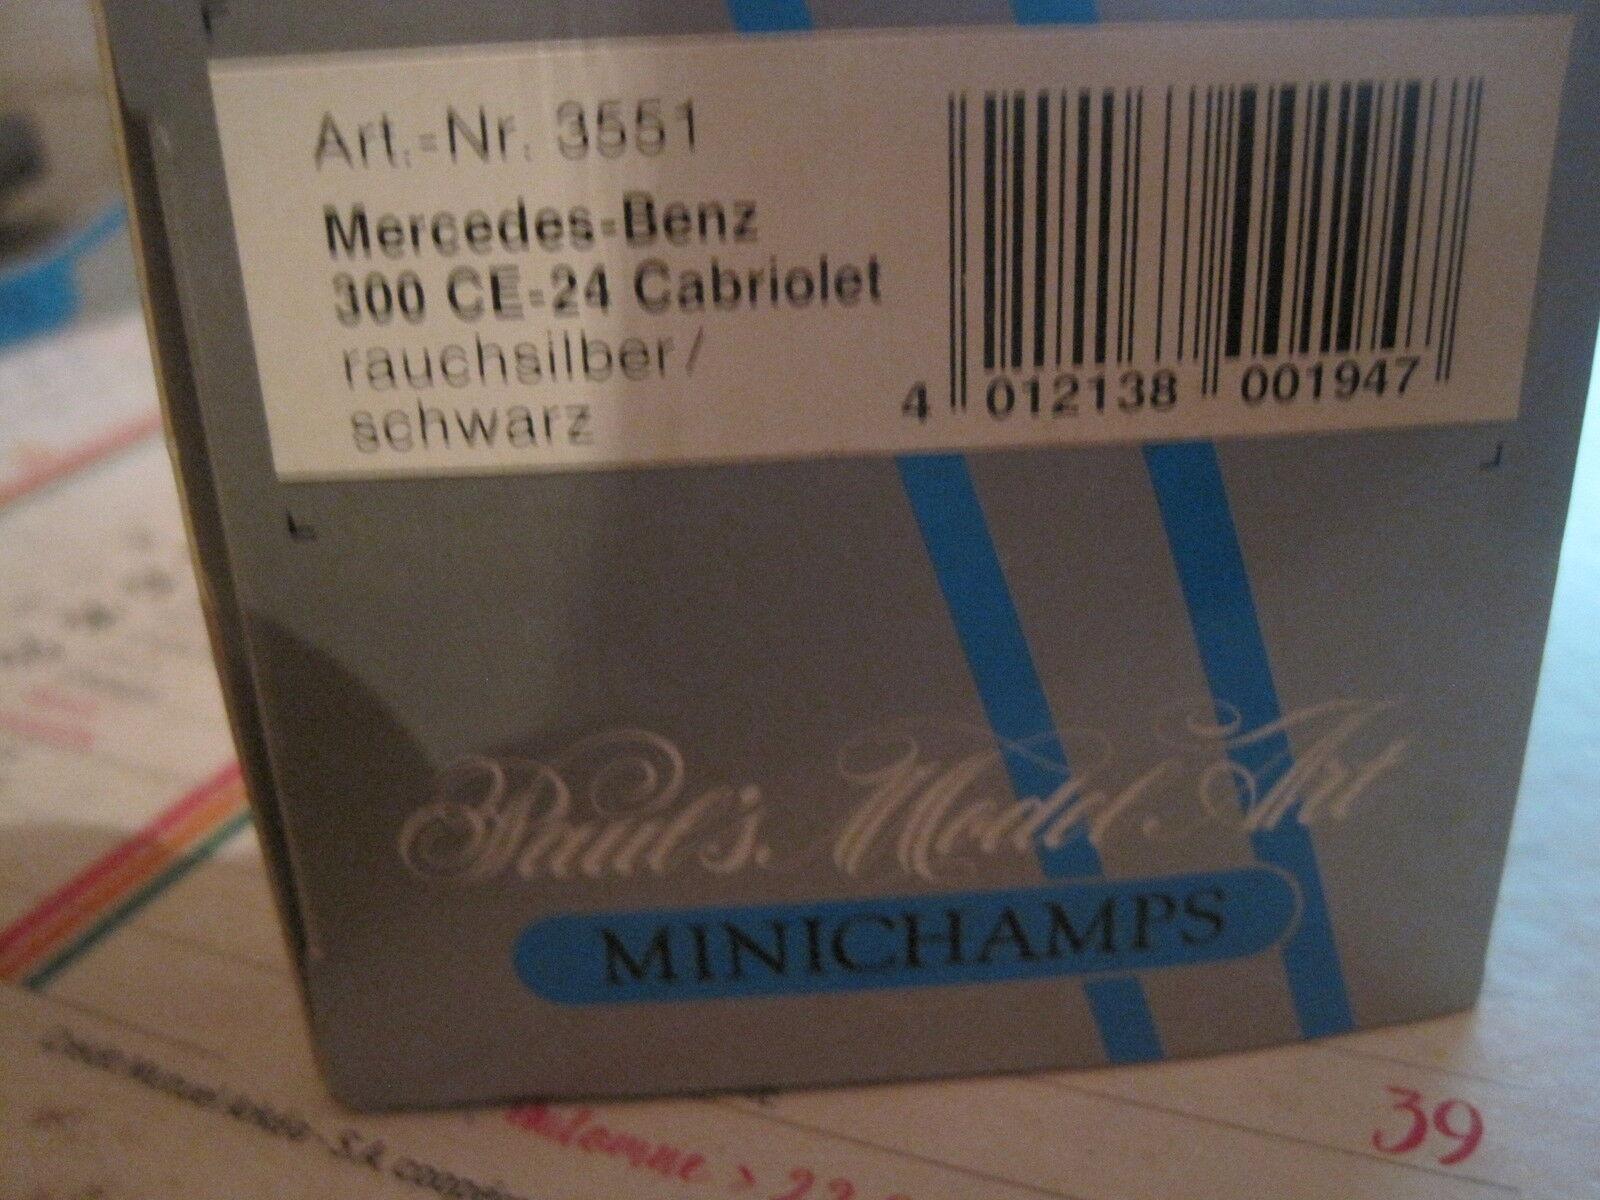 SUPERBE MERCEDES-BENZ 300 CE-24 CABRIOLET NEUF BOITE 1/43 MINICHAMPS MINICHAMPS MINICHAMPS 9ad4c4